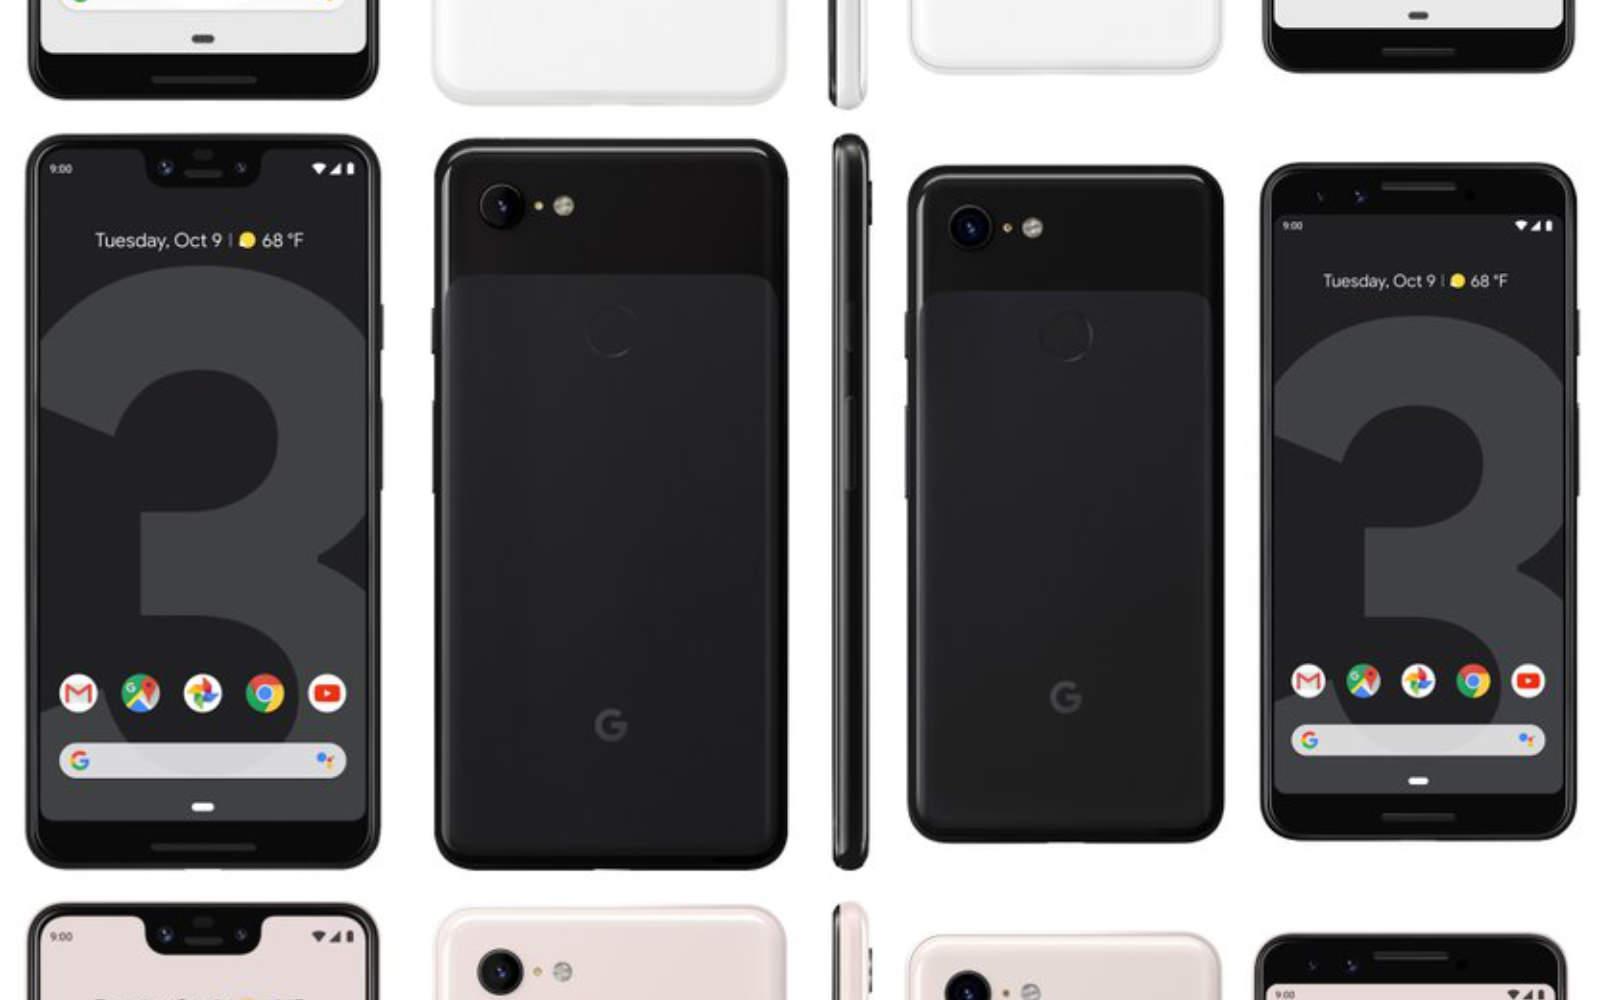 Pixel 3 images